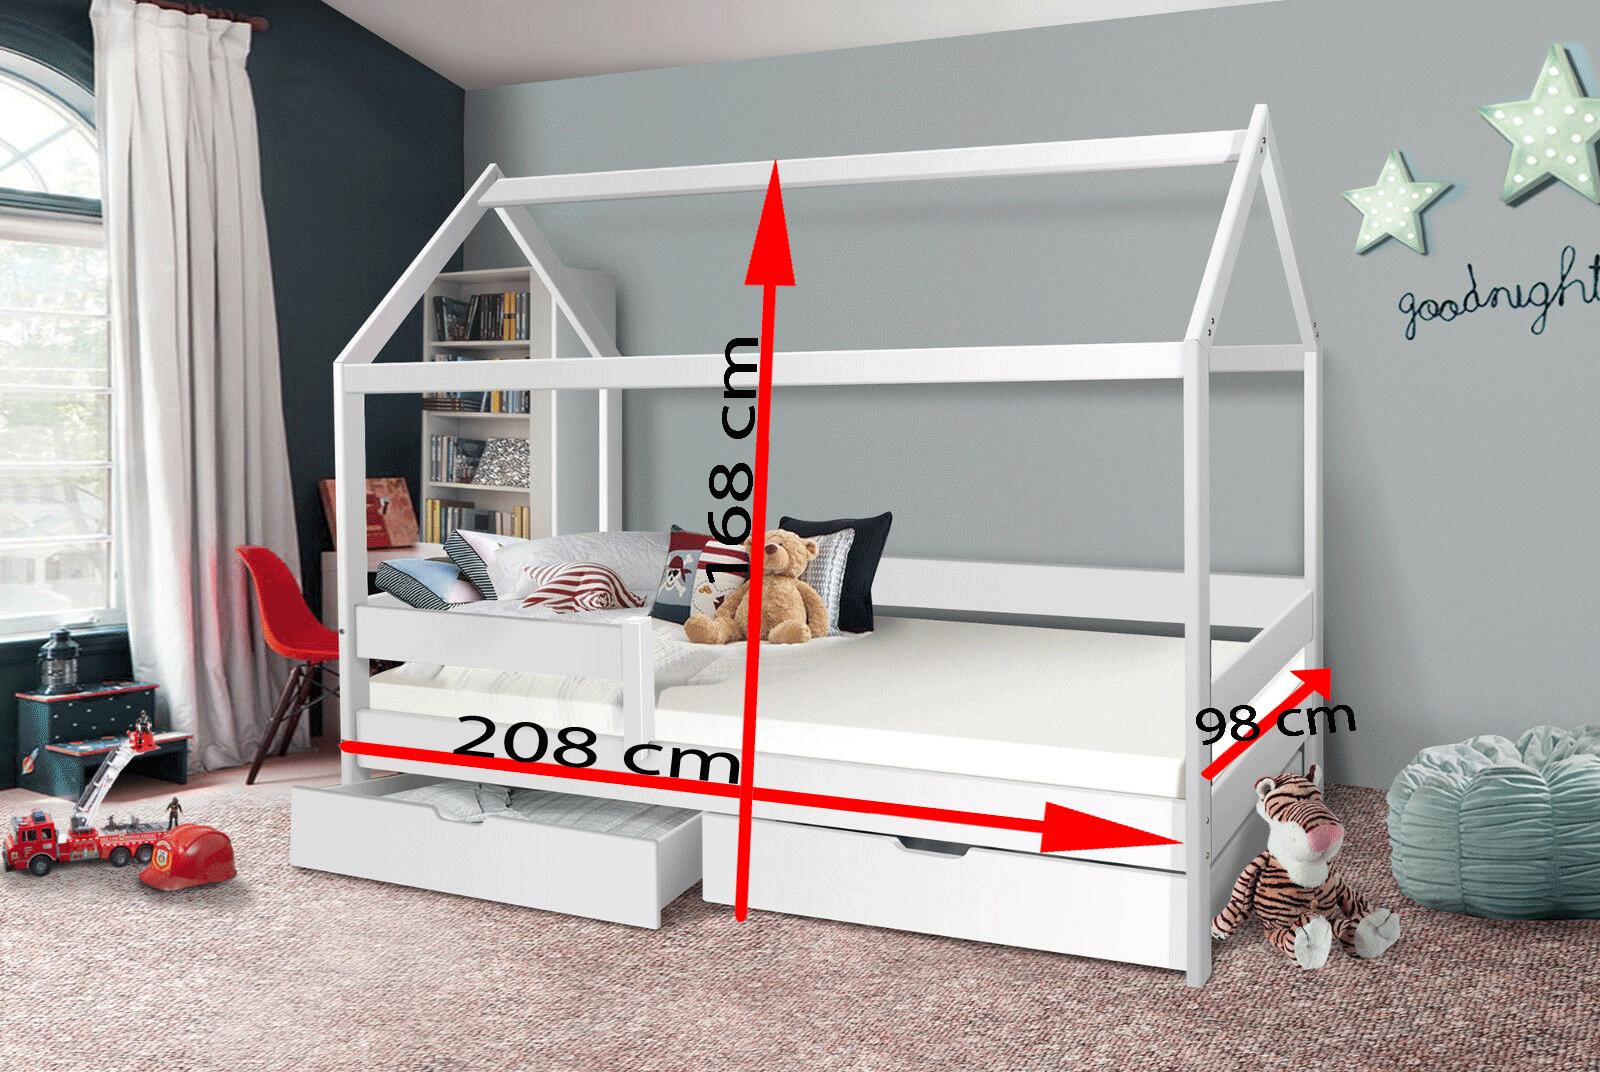 Full Size of Bett 90x200 Weiß Mit Schubladen Weißes Kiefer Bettkasten Betten Lattenrost Und Matratze Wohnzimmer Jugendbett 90x200